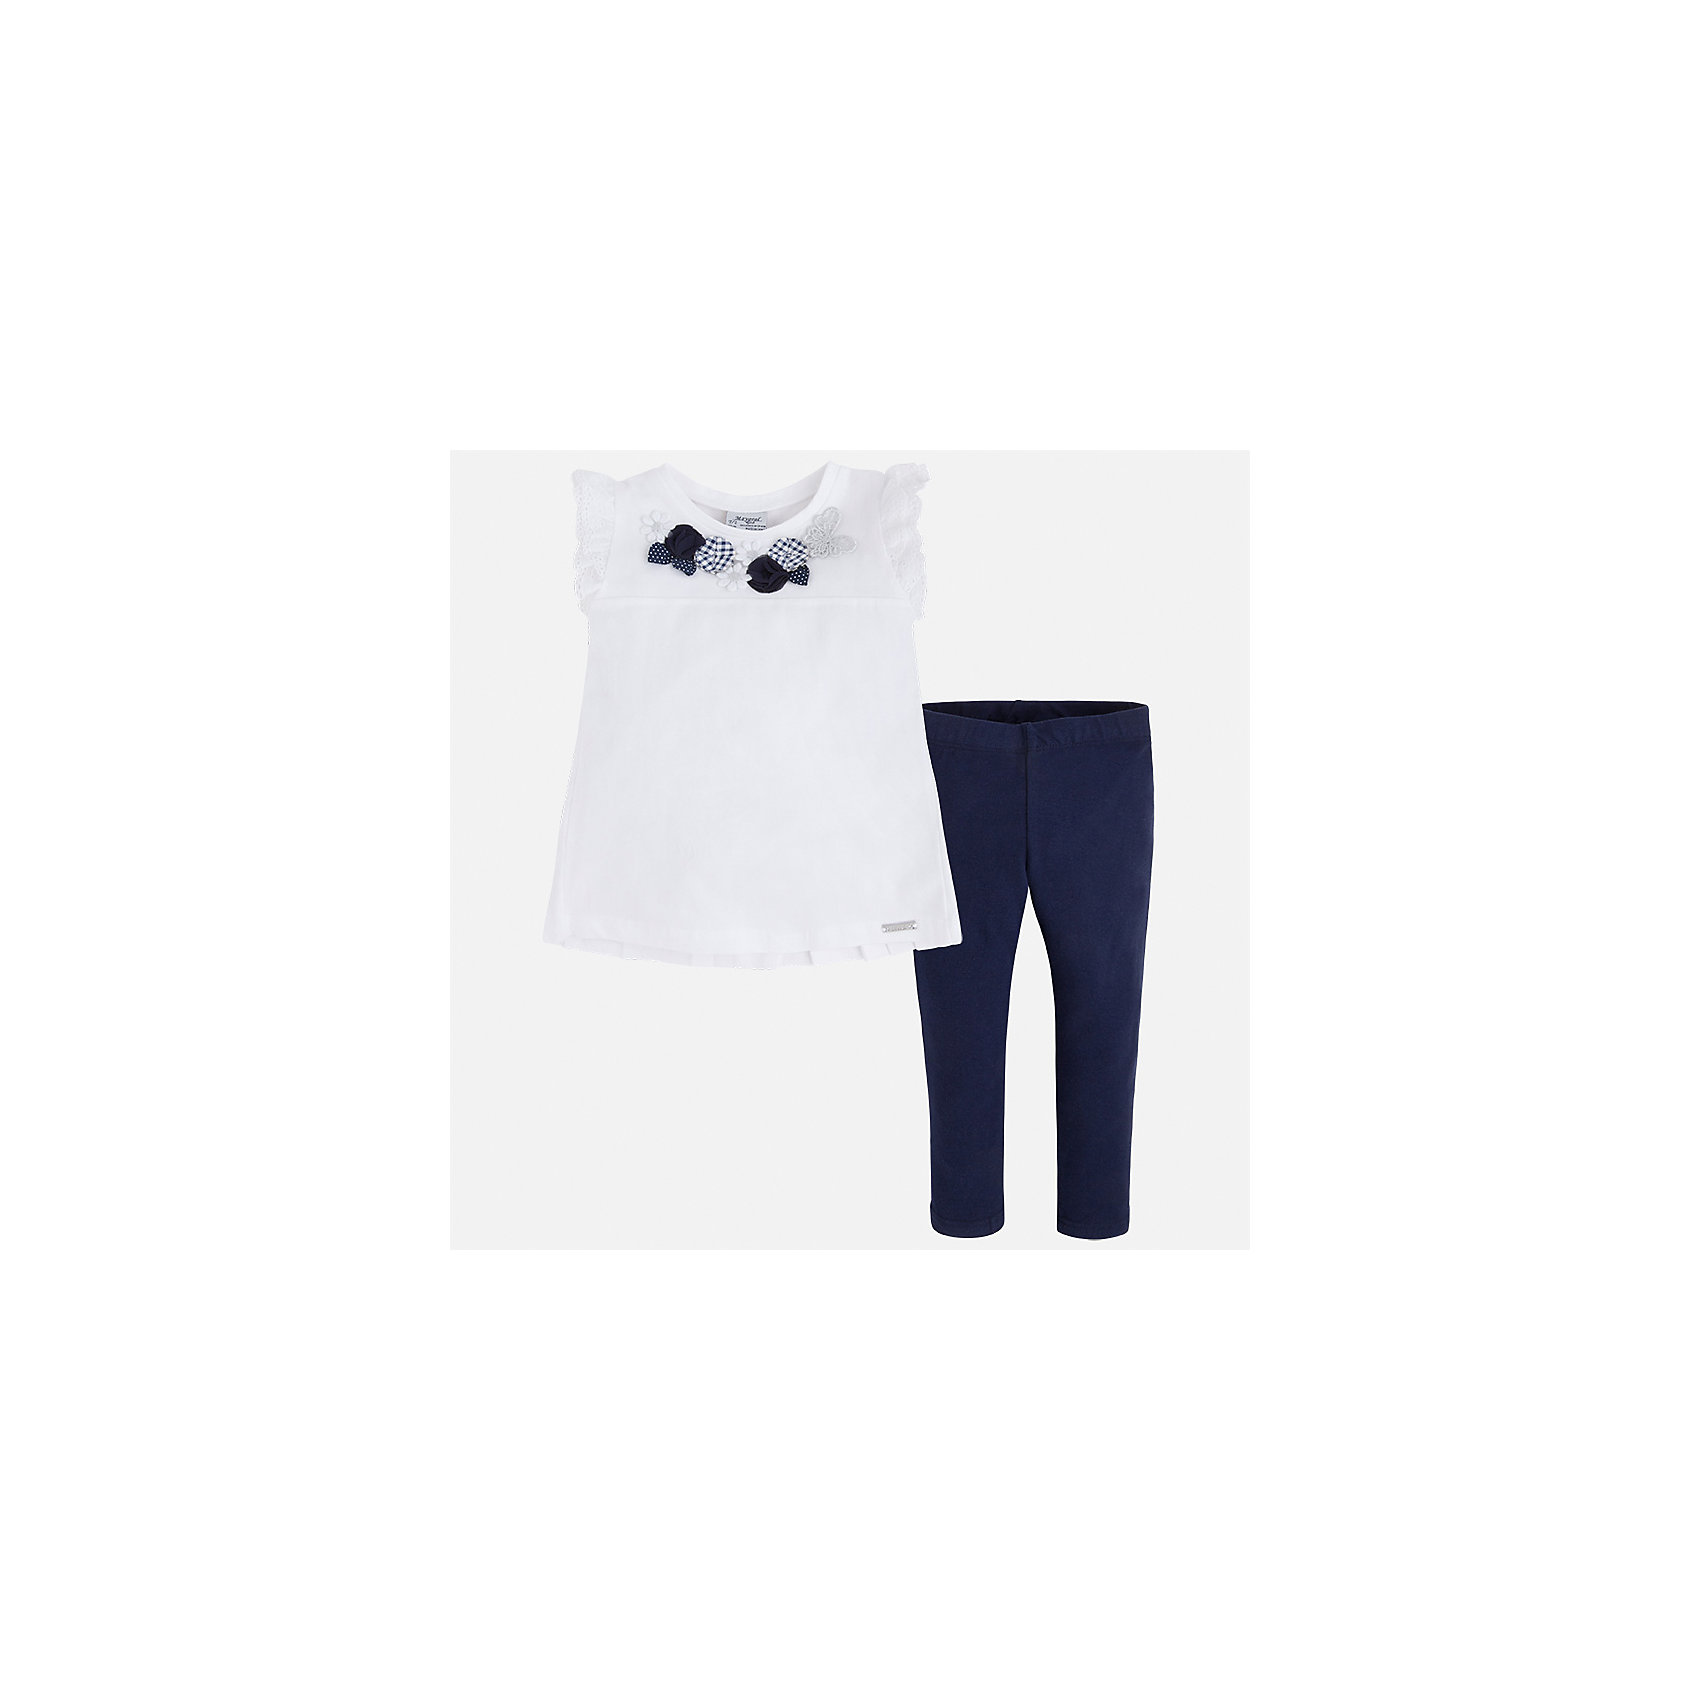 Комплект: футболка и леггинсы для девочки MayoralКомплекты<br>Характеристики товара:<br><br>• цвет: белый/синий<br>• состав: 95% хлопок, 5% эластан<br>• комплектация: футболка, леггинсы<br>• футболка декорирована принтом и оборками<br>• леггинсы однотонные<br>• пояс на резинке<br>• страна бренда: Испания<br><br>Красивый качественный комплект для девочки поможет разнообразить гардероб ребенка и удобно одеться в теплую погоду. Он отлично сочетается с другими предметами. Универсальный цвет позволяет подобрать к вещам верхнюю одежду практически любой расцветки. Интересная отделка модели делает её нарядной и оригинальной. В составе материала - натуральный хлопок, гипоаллергенный, приятный на ощупь, дышащий.<br><br>Одежда, обувь и аксессуары от испанского бренда Mayoral полюбились детям и взрослым по всему миру. Модели этой марки - стильные и удобные. Для их производства используются только безопасные, качественные материалы и фурнитура. Порадуйте ребенка модными и красивыми вещами от Mayoral! <br><br>Комплект для девочки от испанского бренда Mayoral (Майорал) можно купить в нашем интернет-магазине.<br><br>Ширина мм: 123<br>Глубина мм: 10<br>Высота мм: 149<br>Вес г: 209<br>Цвет: синий<br>Возраст от месяцев: 96<br>Возраст до месяцев: 108<br>Пол: Женский<br>Возраст: Детский<br>Размер: 134,92,98,116,122,128,104,110<br>SKU: 5290550